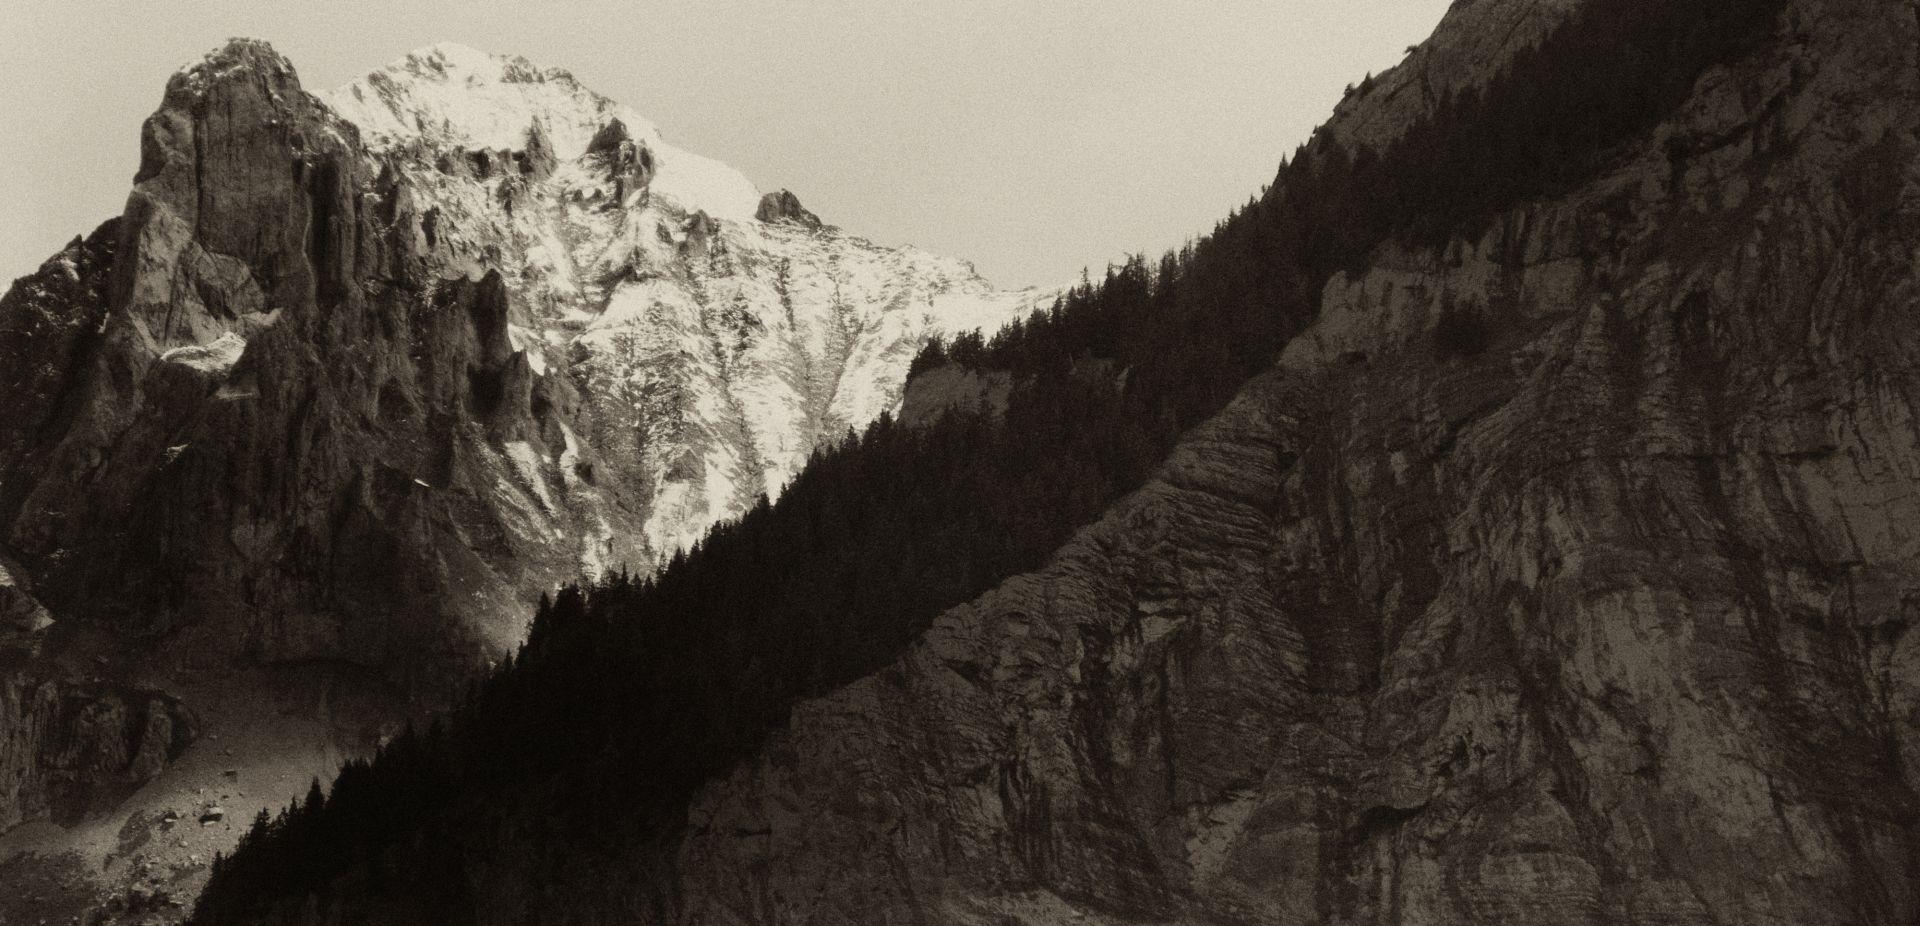 J Landschap Buitenland Zwitserland  (4)